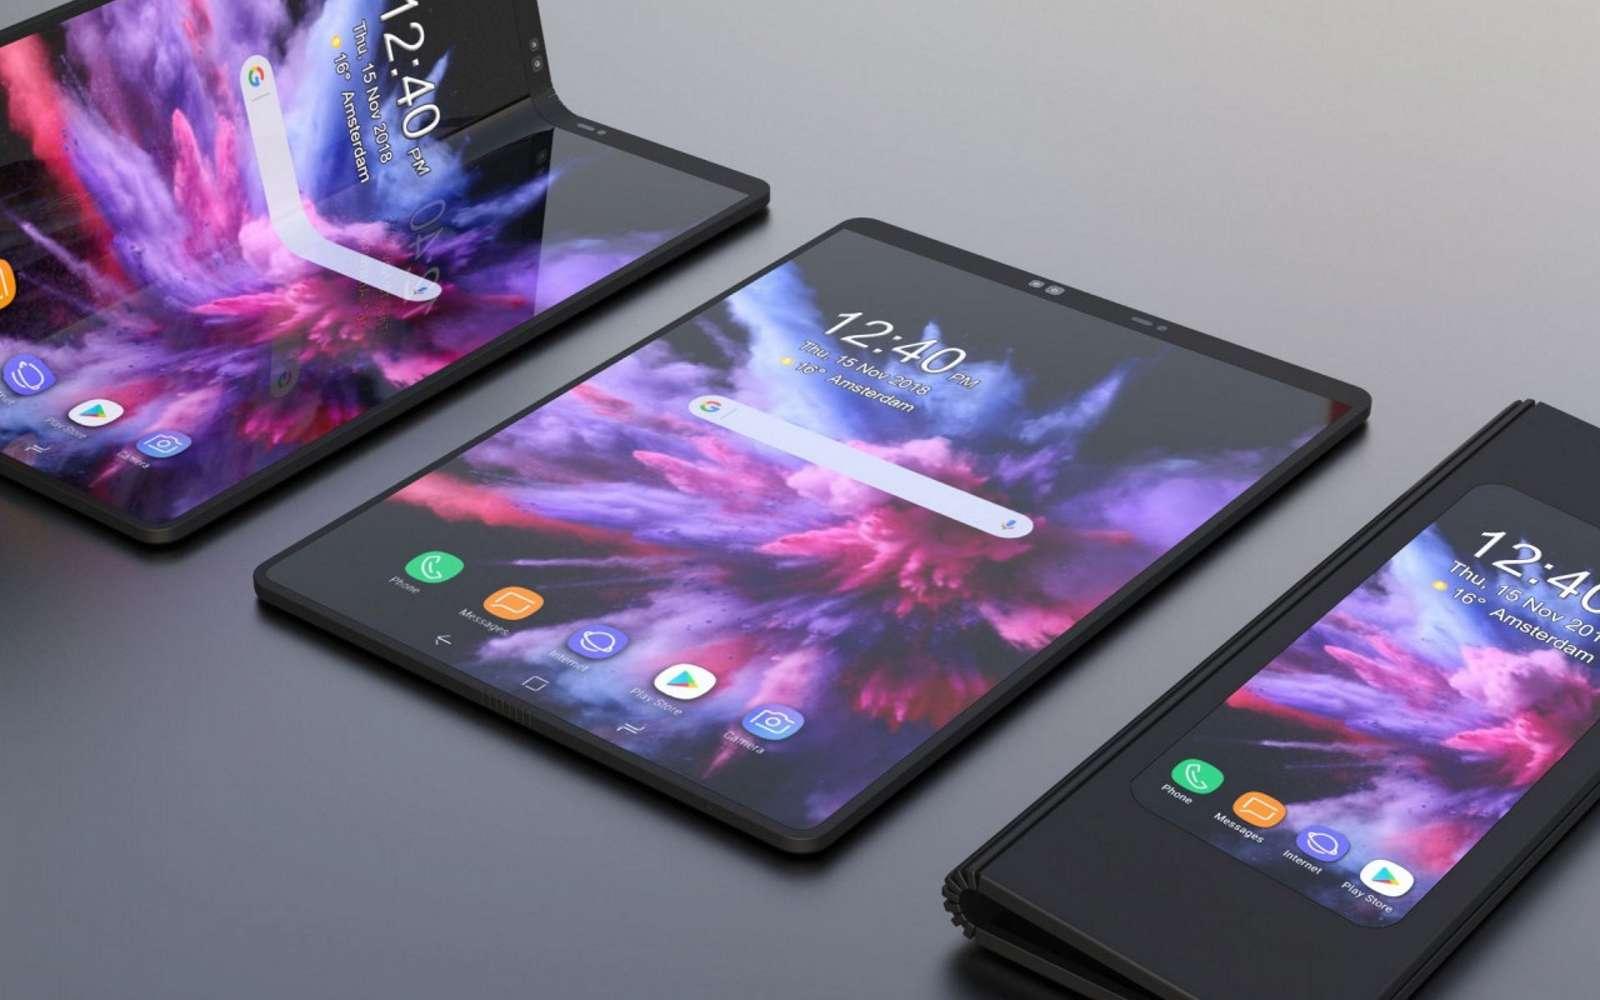 En plus d'être pliable, le Galaxy Fold de Samsung concentre les composants les plus puissants du moment. © Samsung